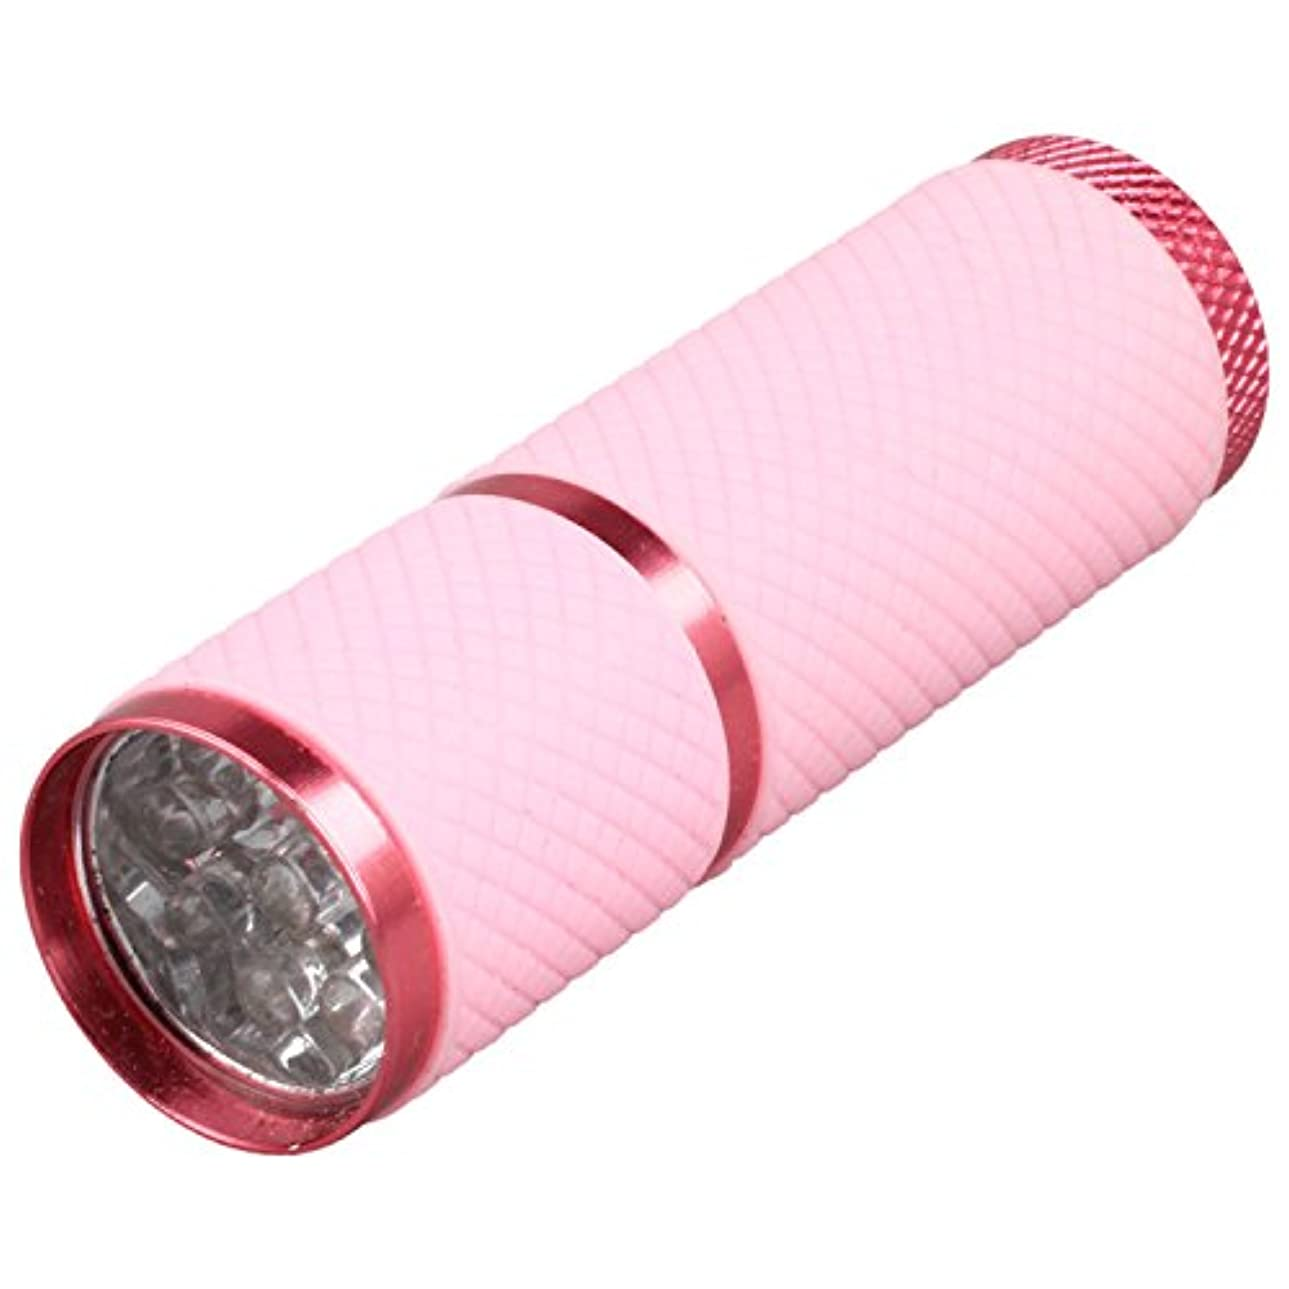 無条件常識であることGaoominy 1個 ミニ9 LED Uv ゲル硬化ランプ バッテリーなし 携帯性ネイルドライヤー LEDフラッシュライト通貨検出器 アルミニウム合金 ピンクカラー